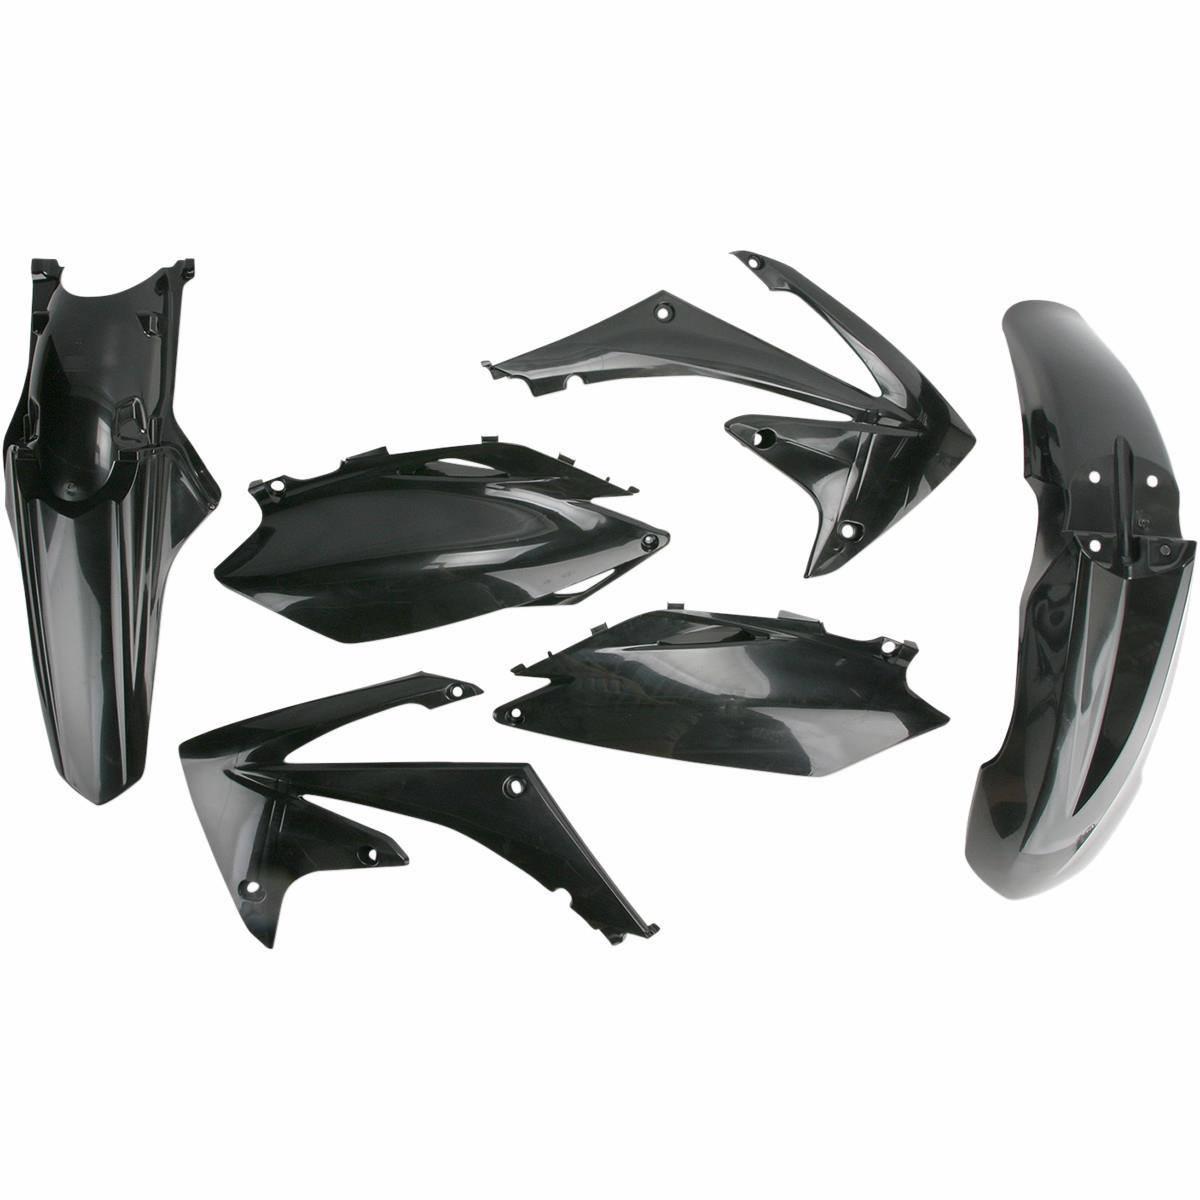 2685830001 Acerbis Plastic Kit Black 2018 Kawasaki KX450F